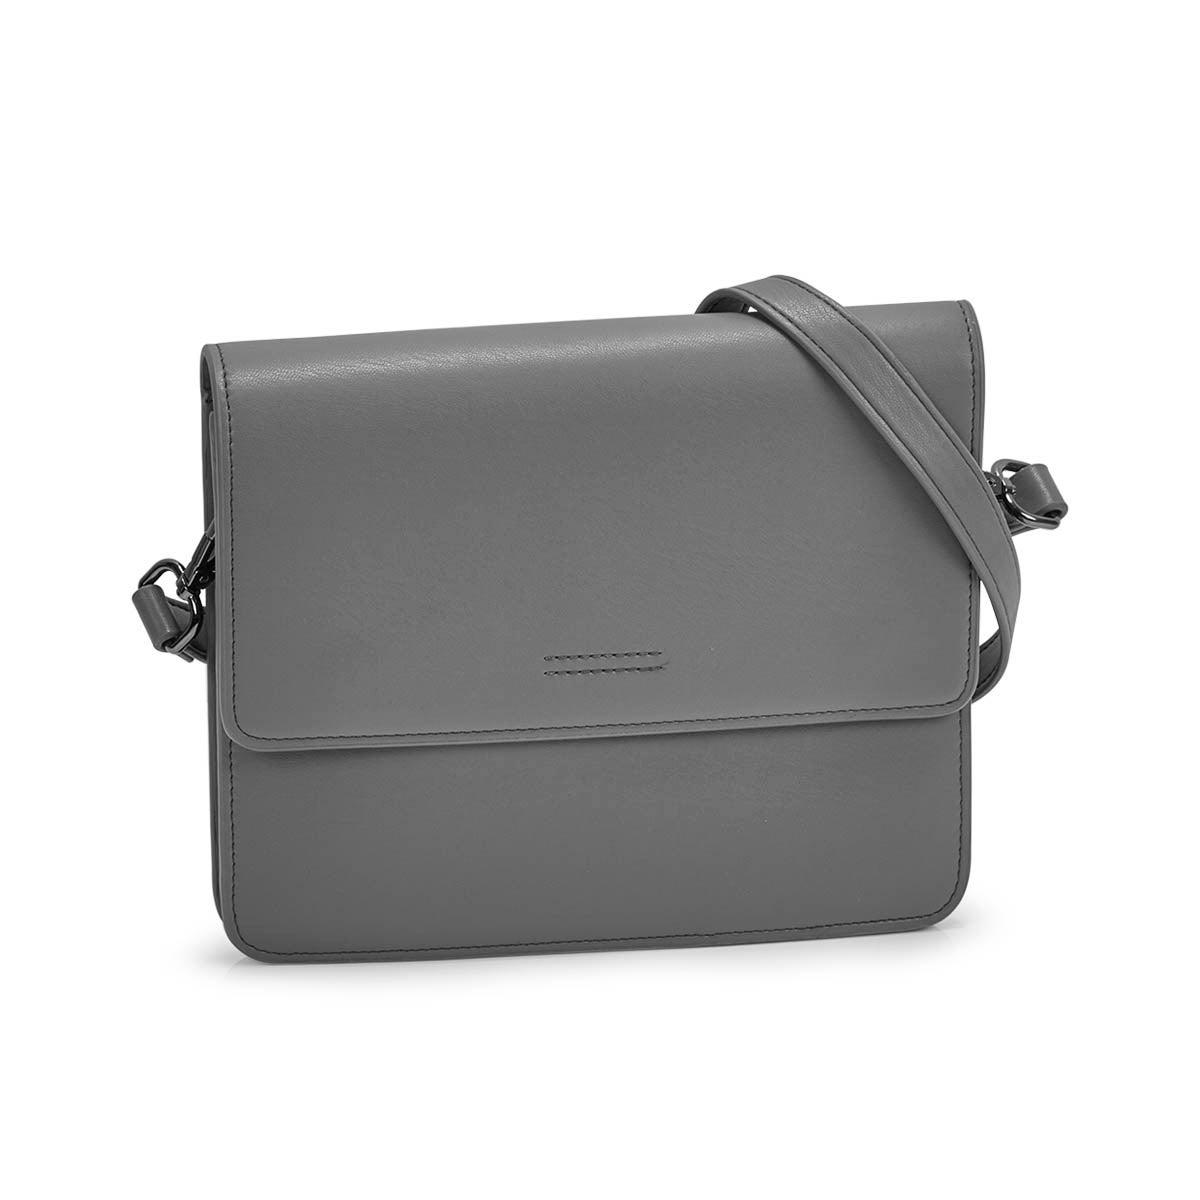 Women's ALEXIS grey flap crossbody bag